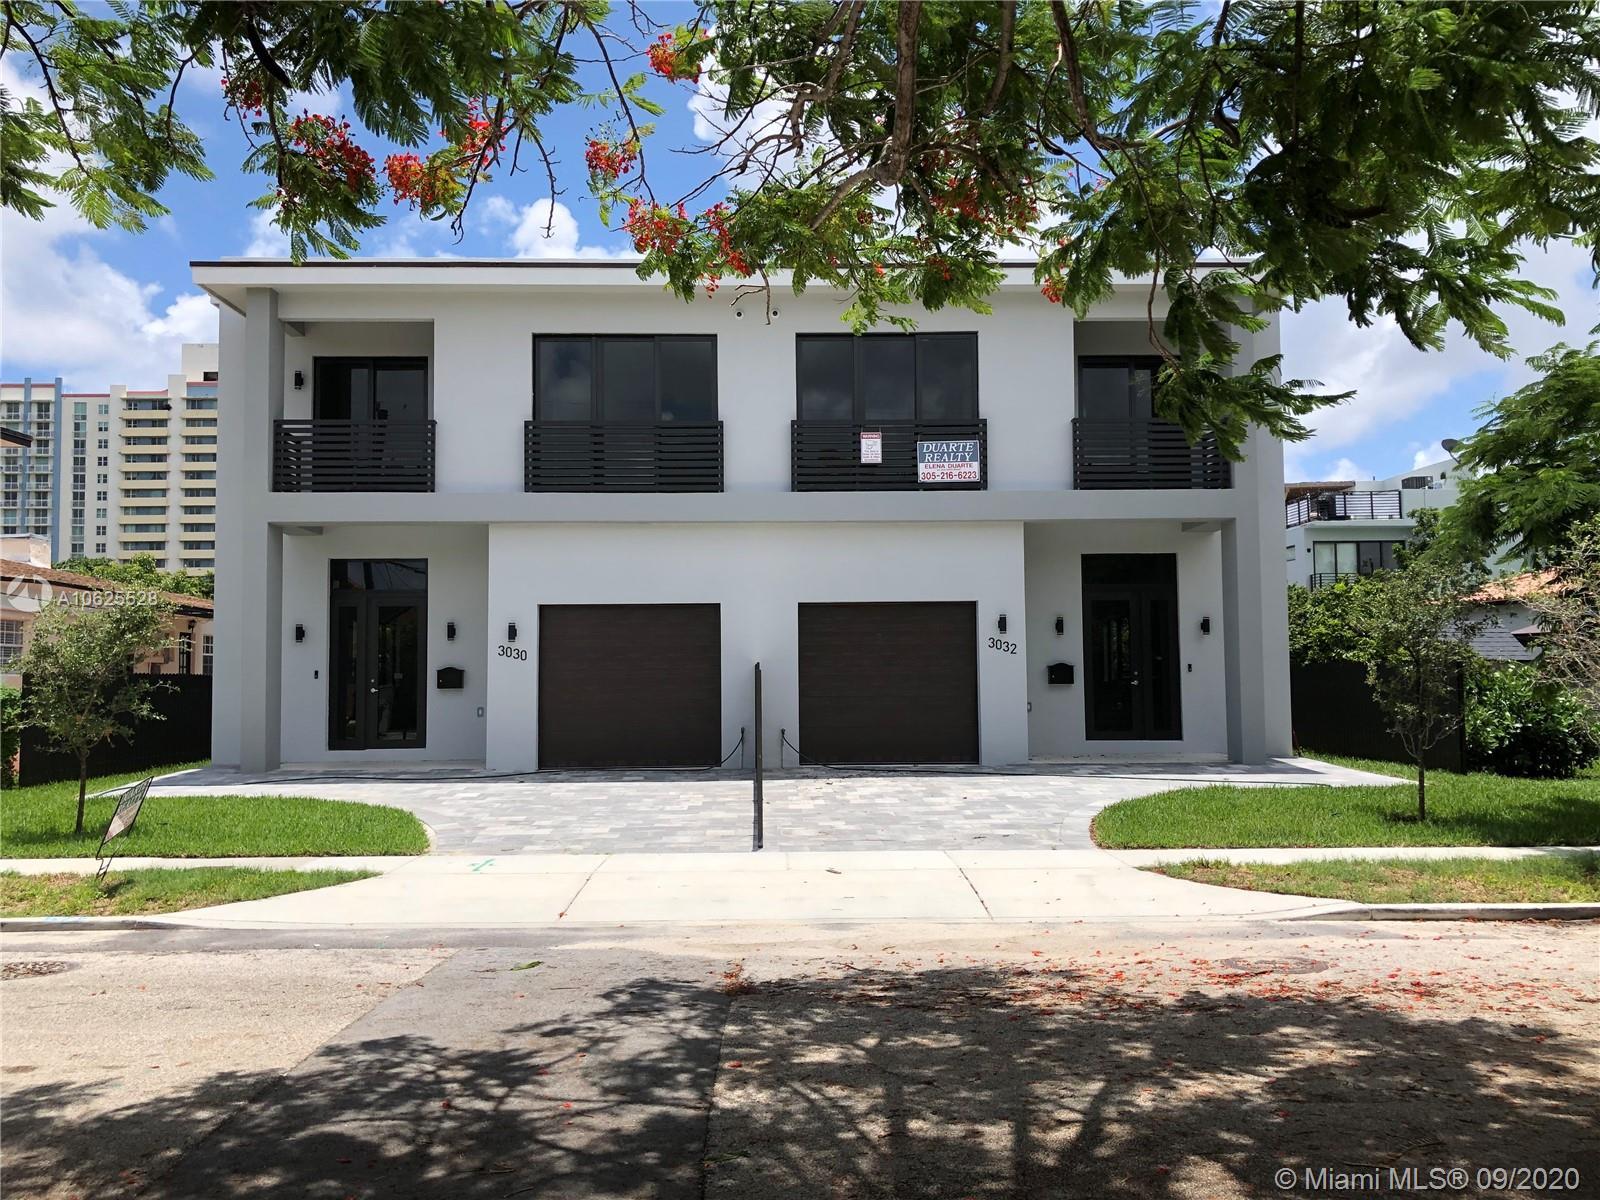 3030 SW 21st St, Miami, FL 33145